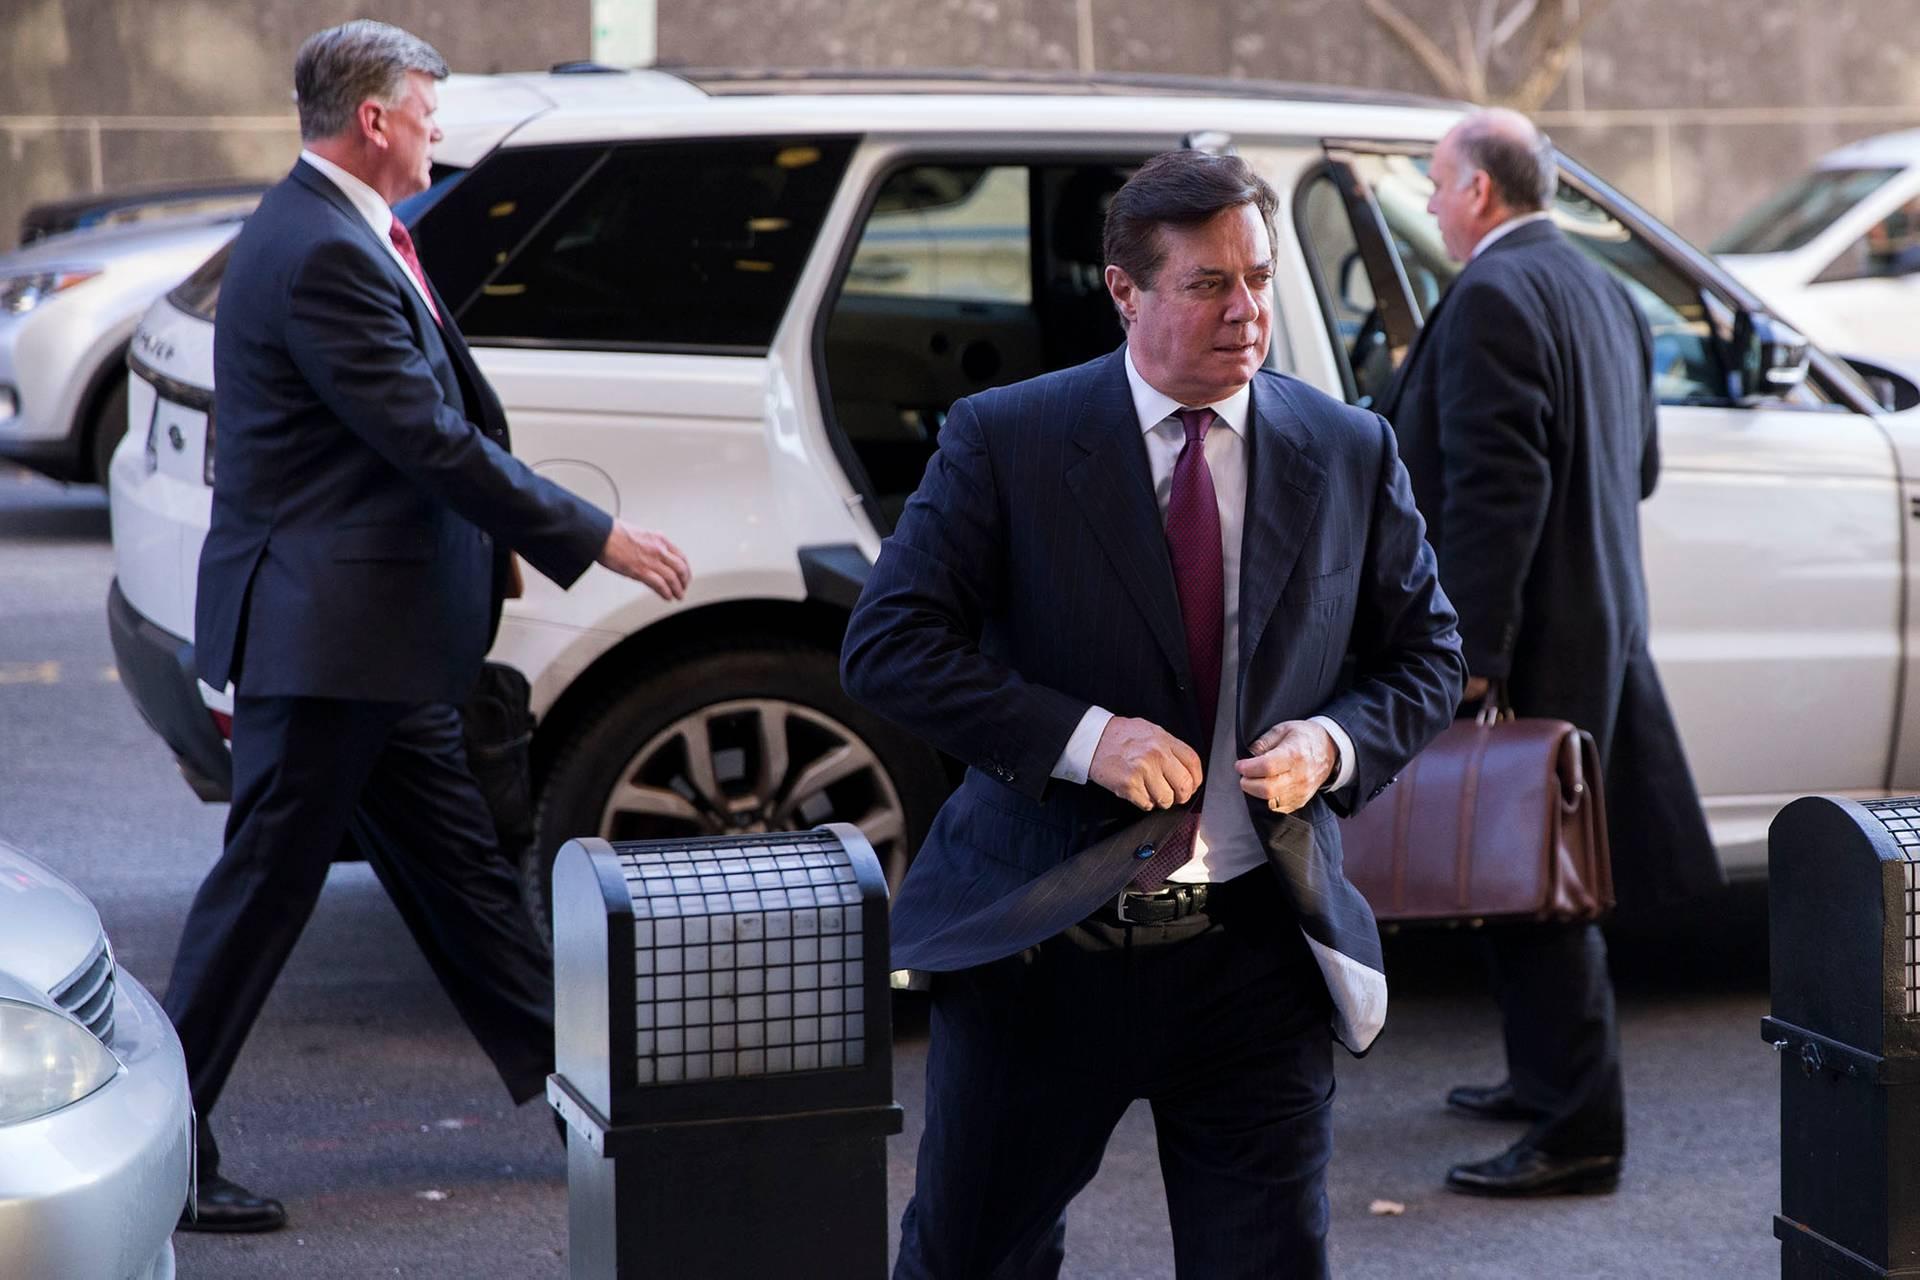 Бывший глава штаба Трампа Пол Манафорт (в центре) со своими адвокатами прибыл на слушания в федеральный суд в Вашингтоне, округ Колумбия, США, 11 декабря 2017